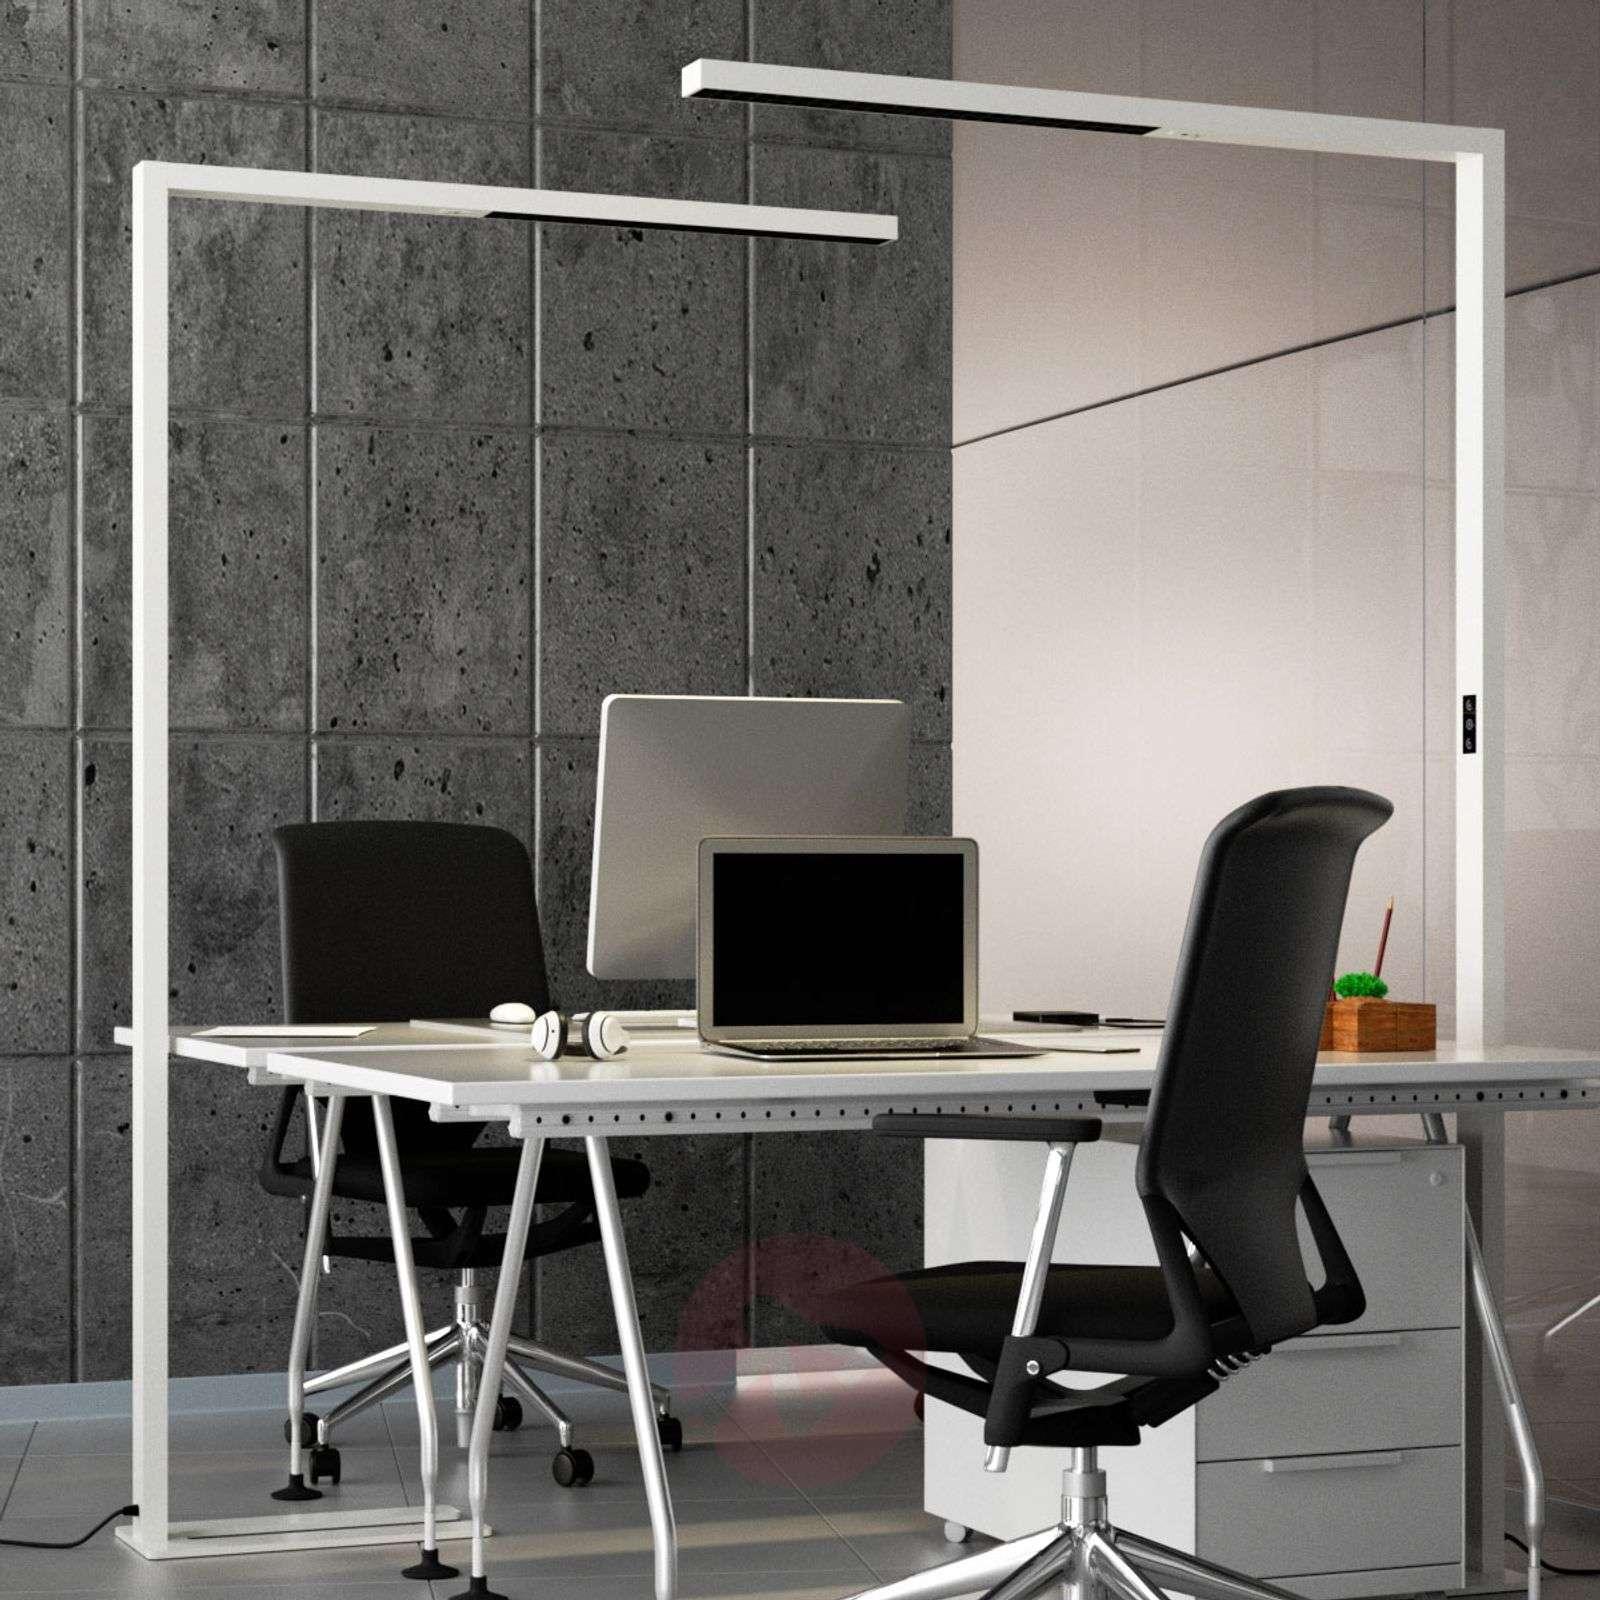 Valkoinen LED-lattiavalaisin Jolinda-9968023-023